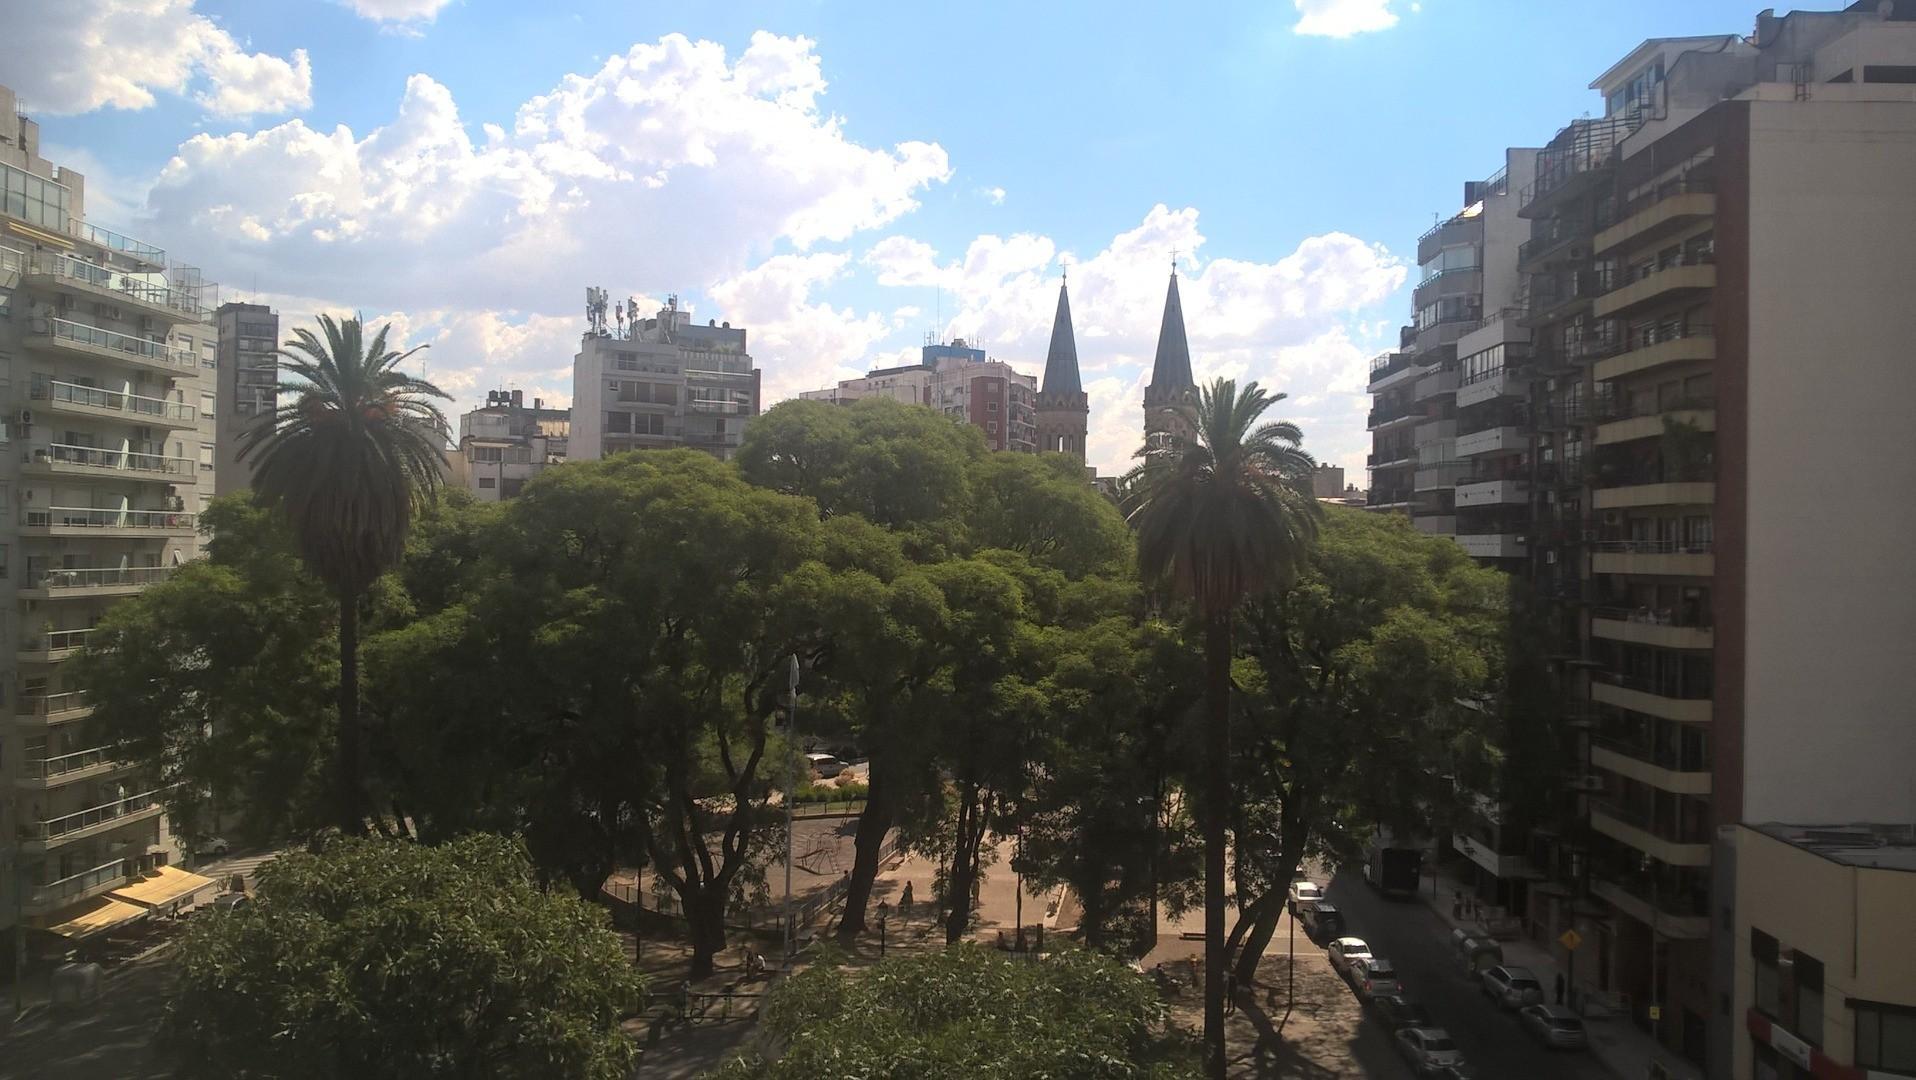 DESTACADO DEL MES! LO MEJOR DEL ALTO PALERMO! Vista Unica! Plaza Guadalupe y Basilica